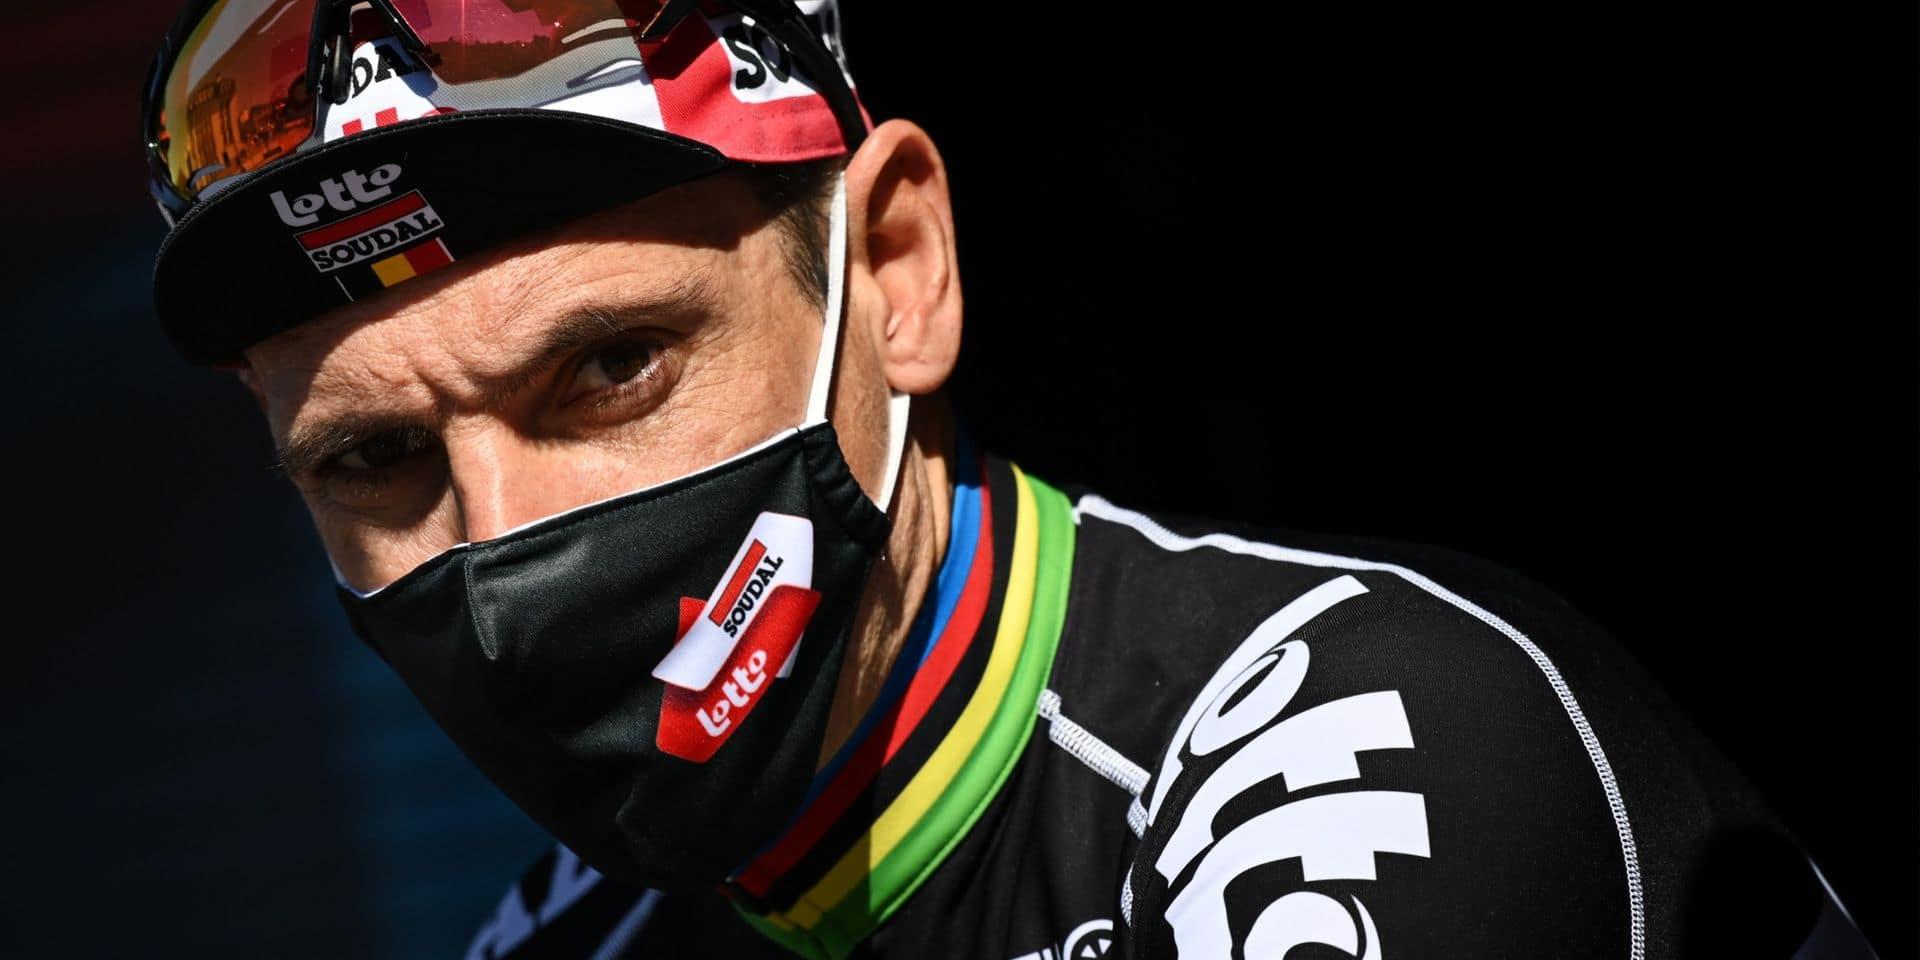 Philippe Gilbert fera son retour à la Flèche Wallonne et Liège-Bastogne-Liège !